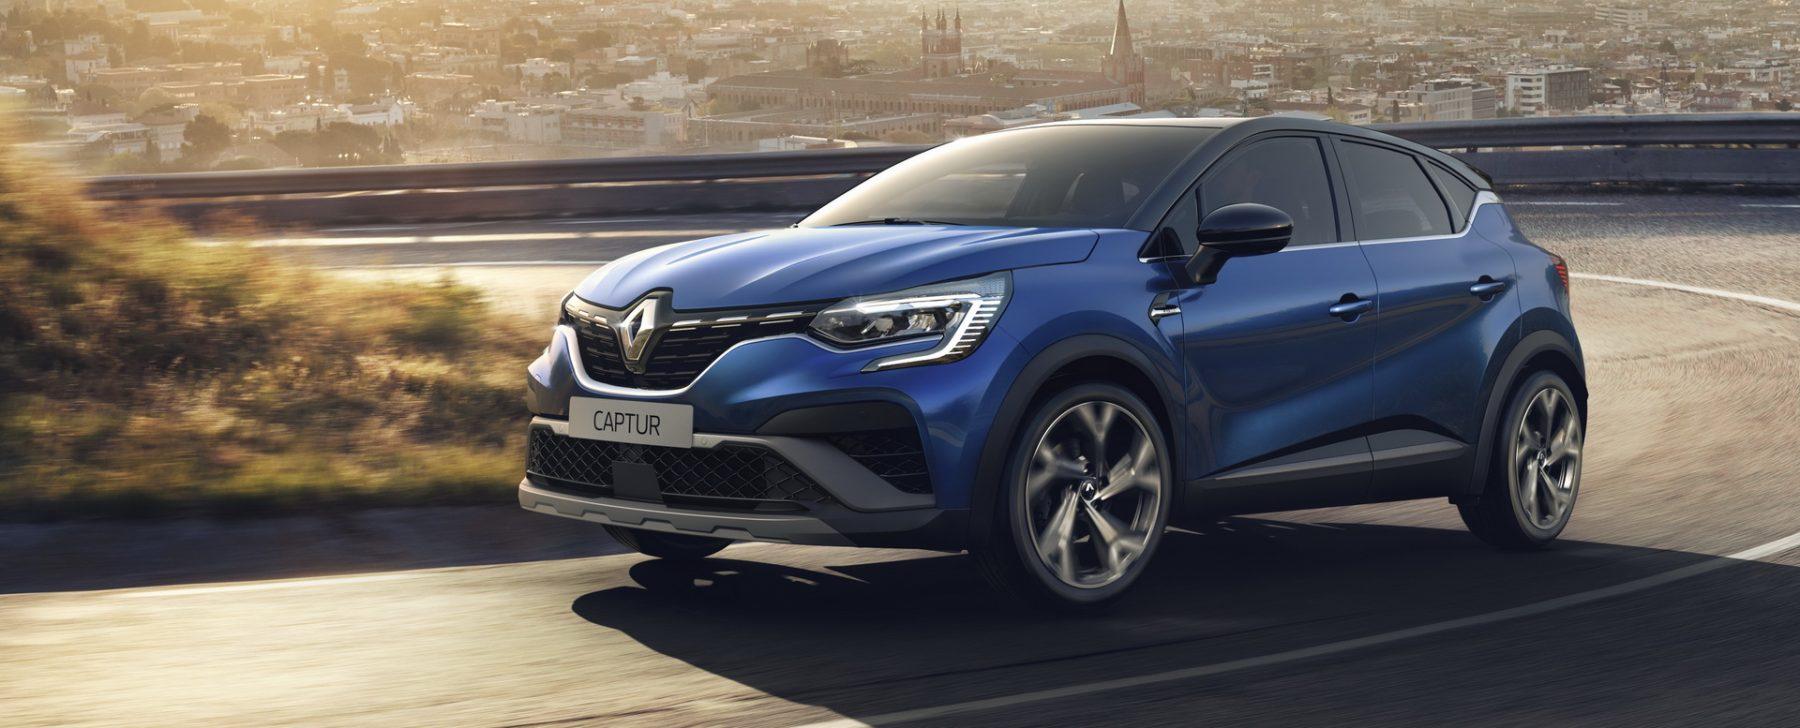 Renault Captur R S Line